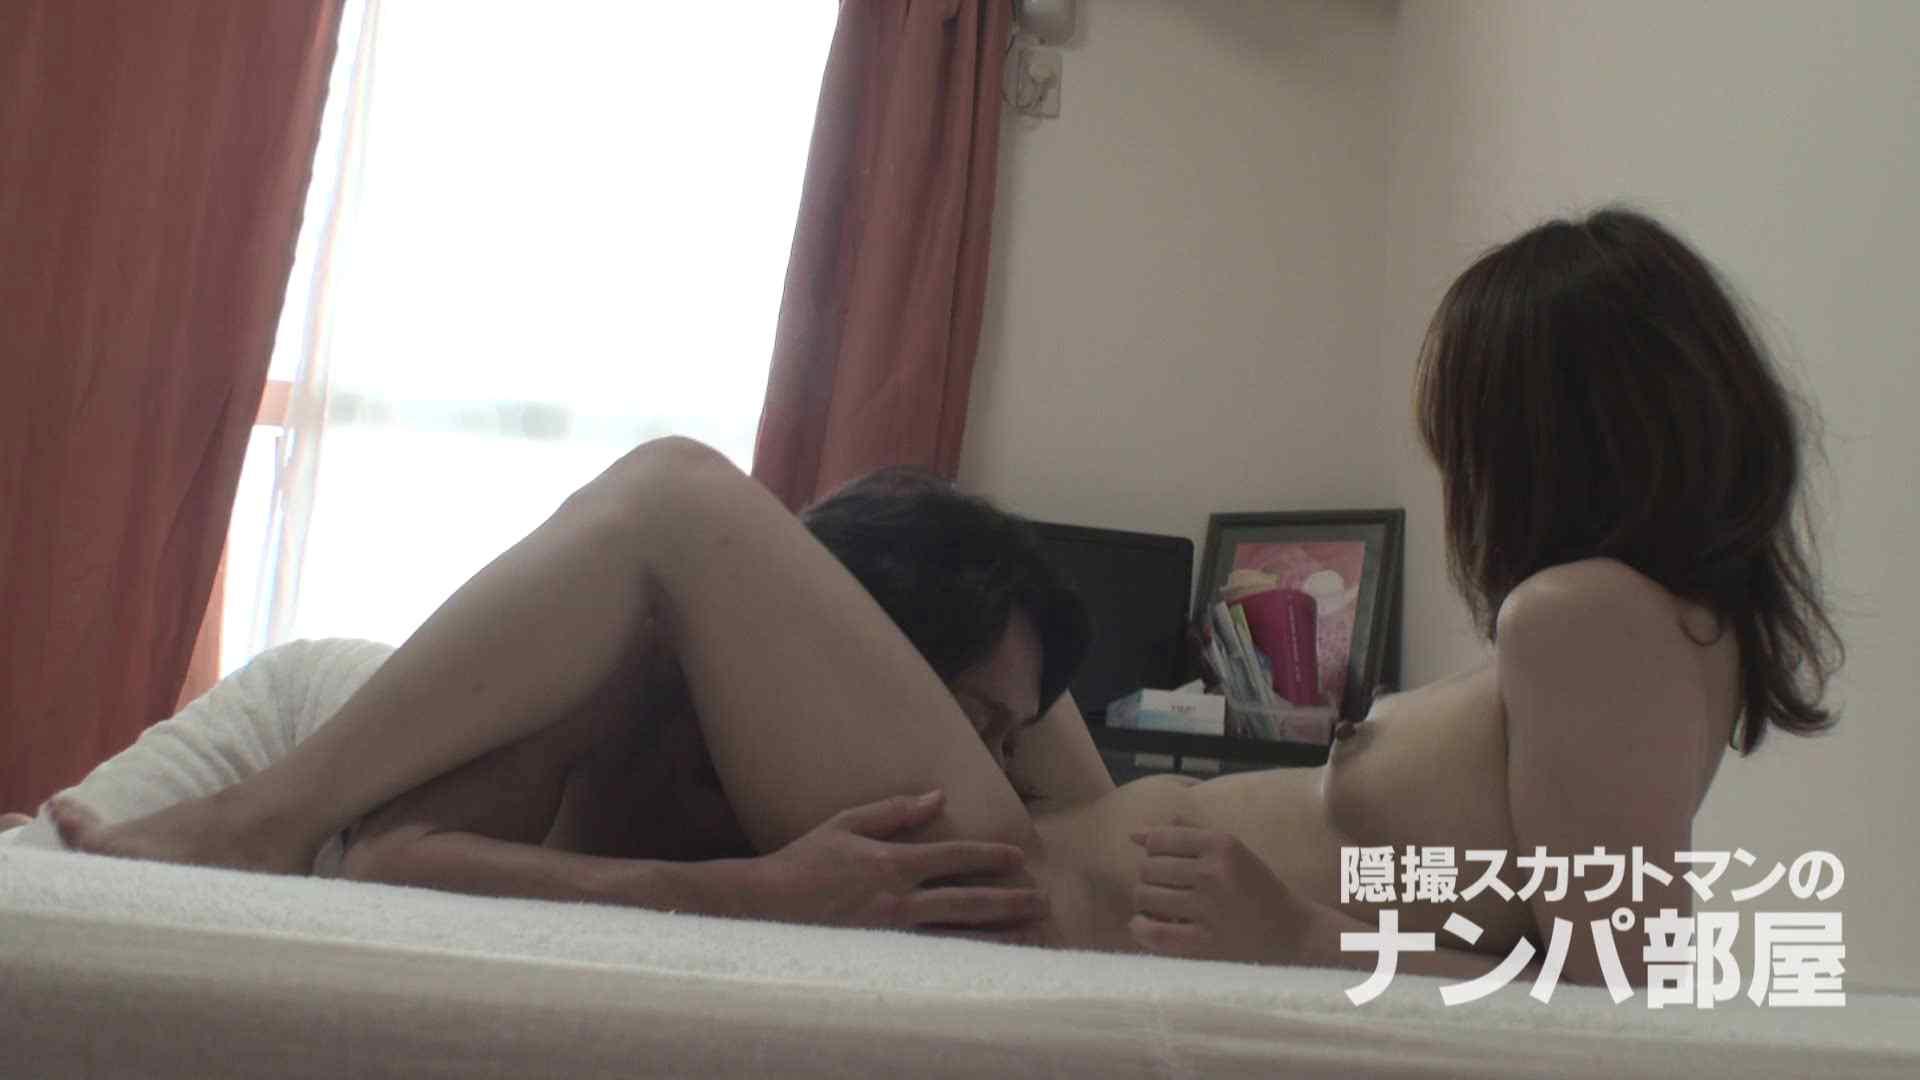 隠撮スカウトマンのナンパ部屋~風俗デビュー前のつまみ食い~ sii 隠撮  98pic 84